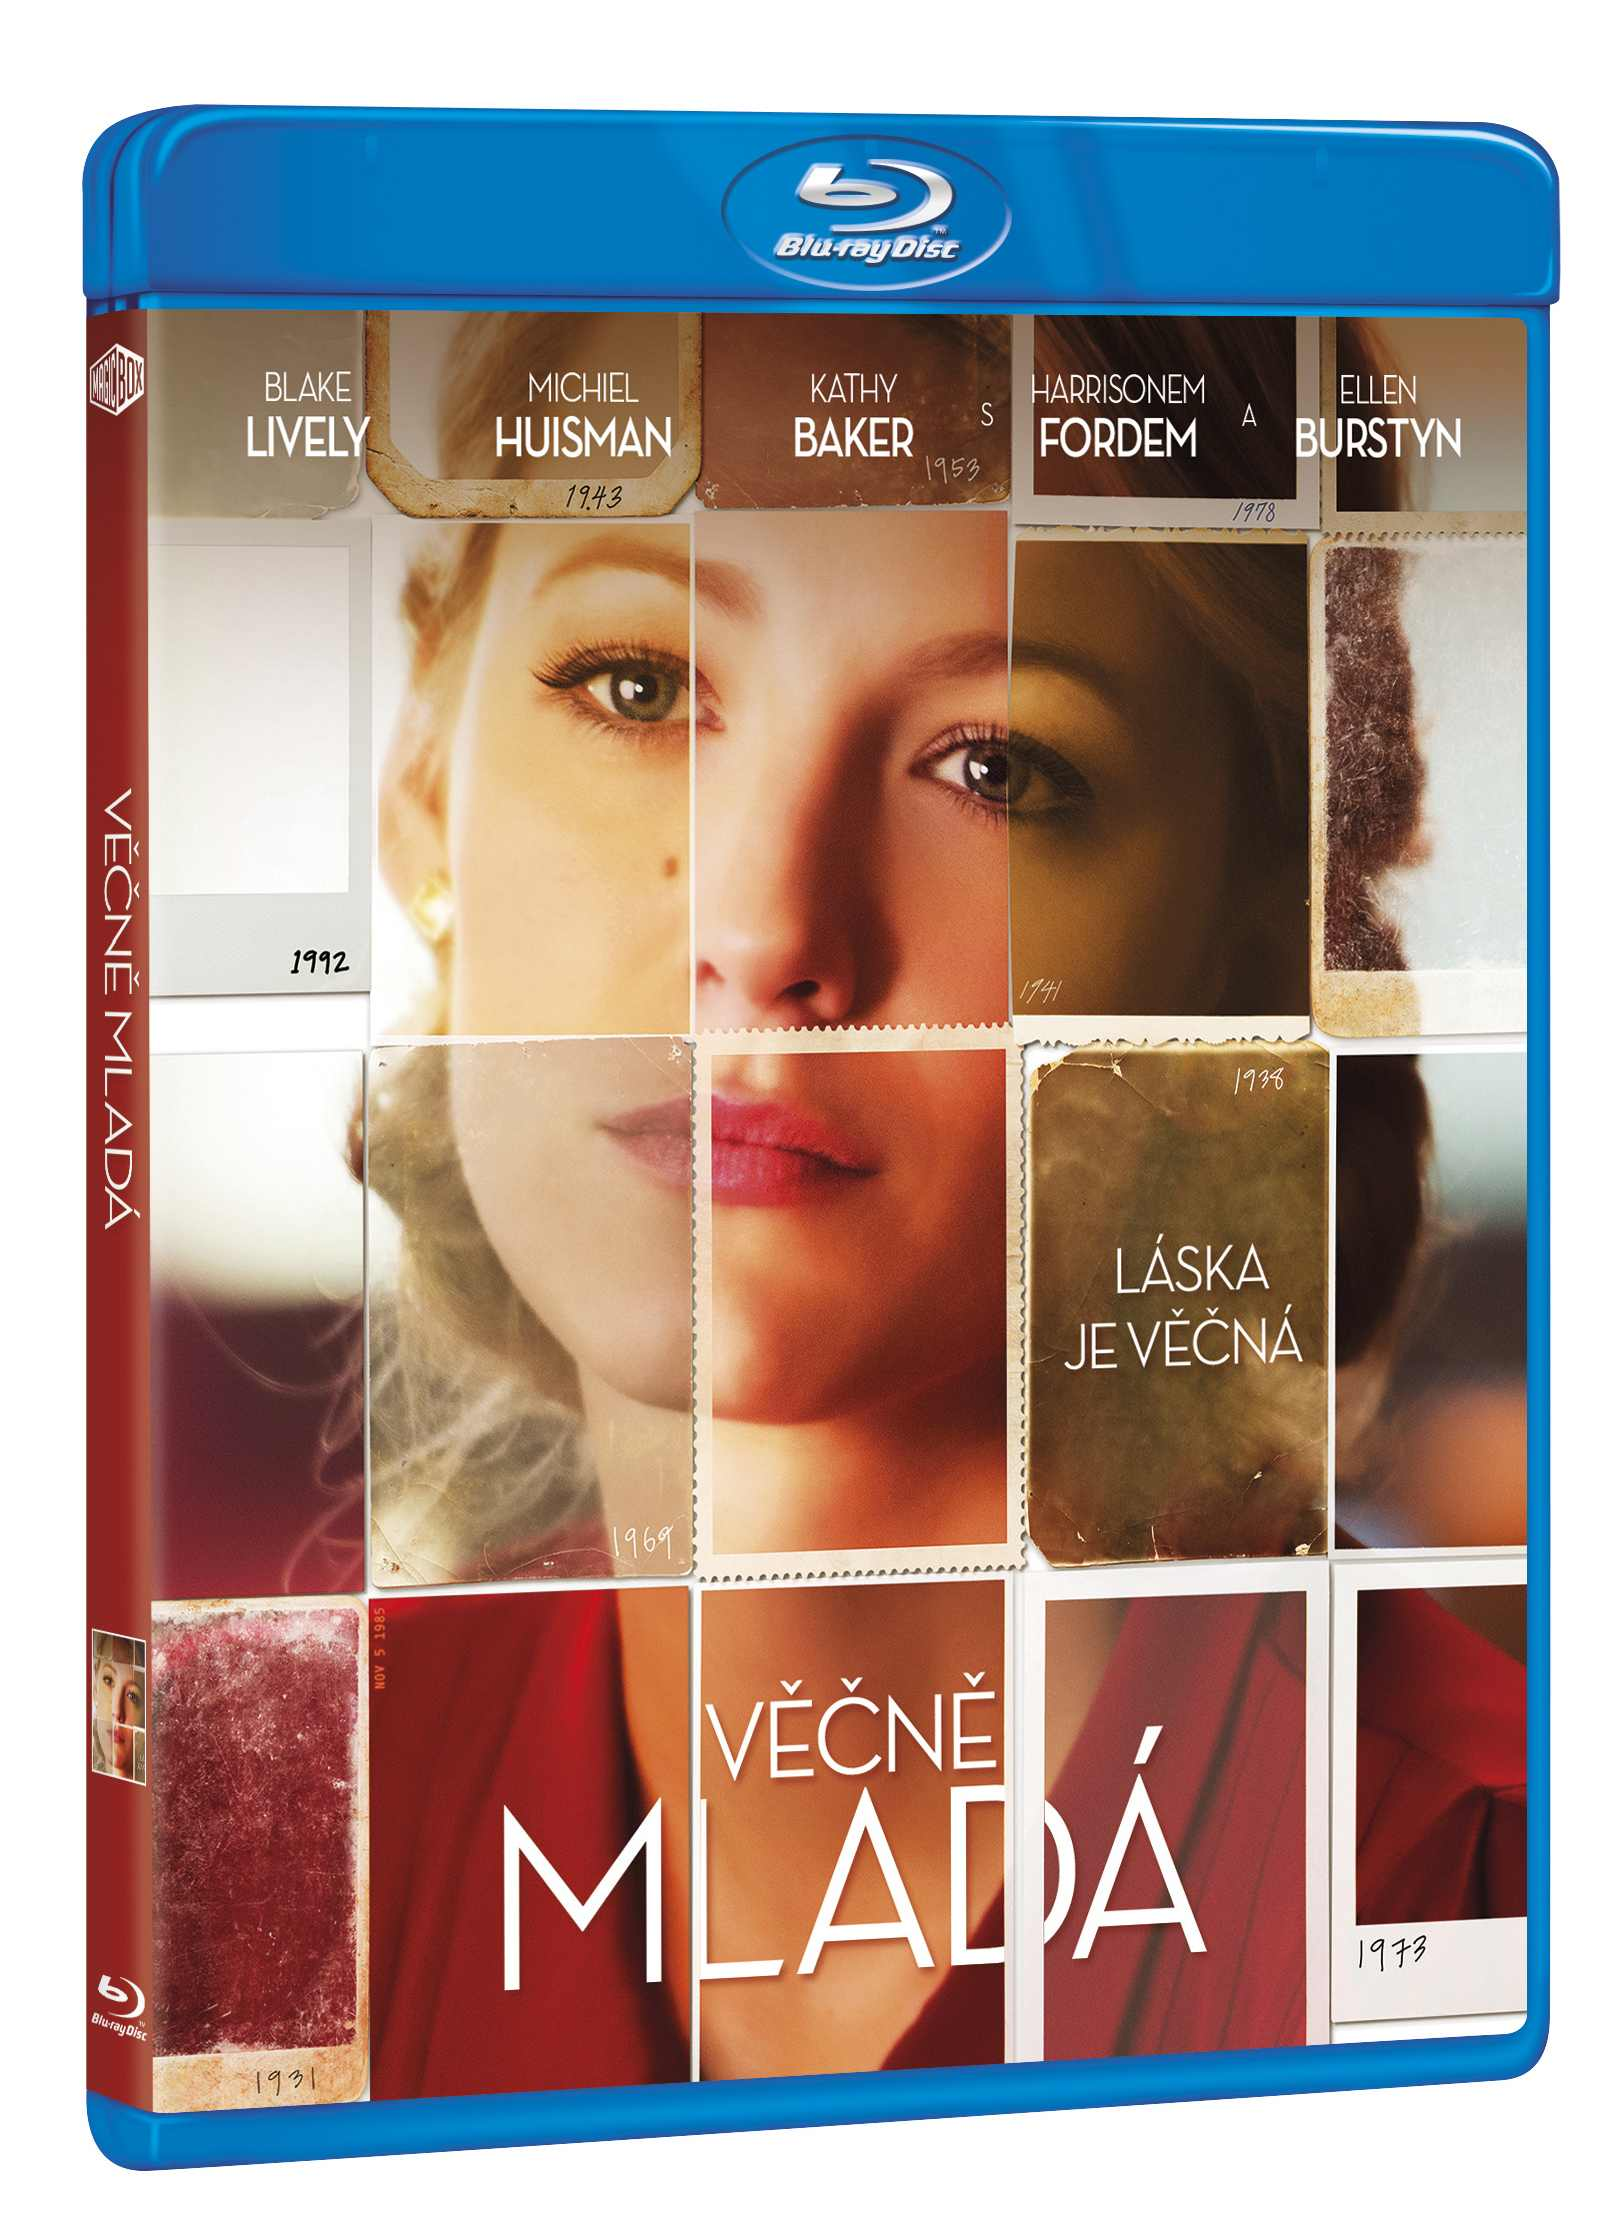 VĚČNĚ MLADÁ - Blu-ray